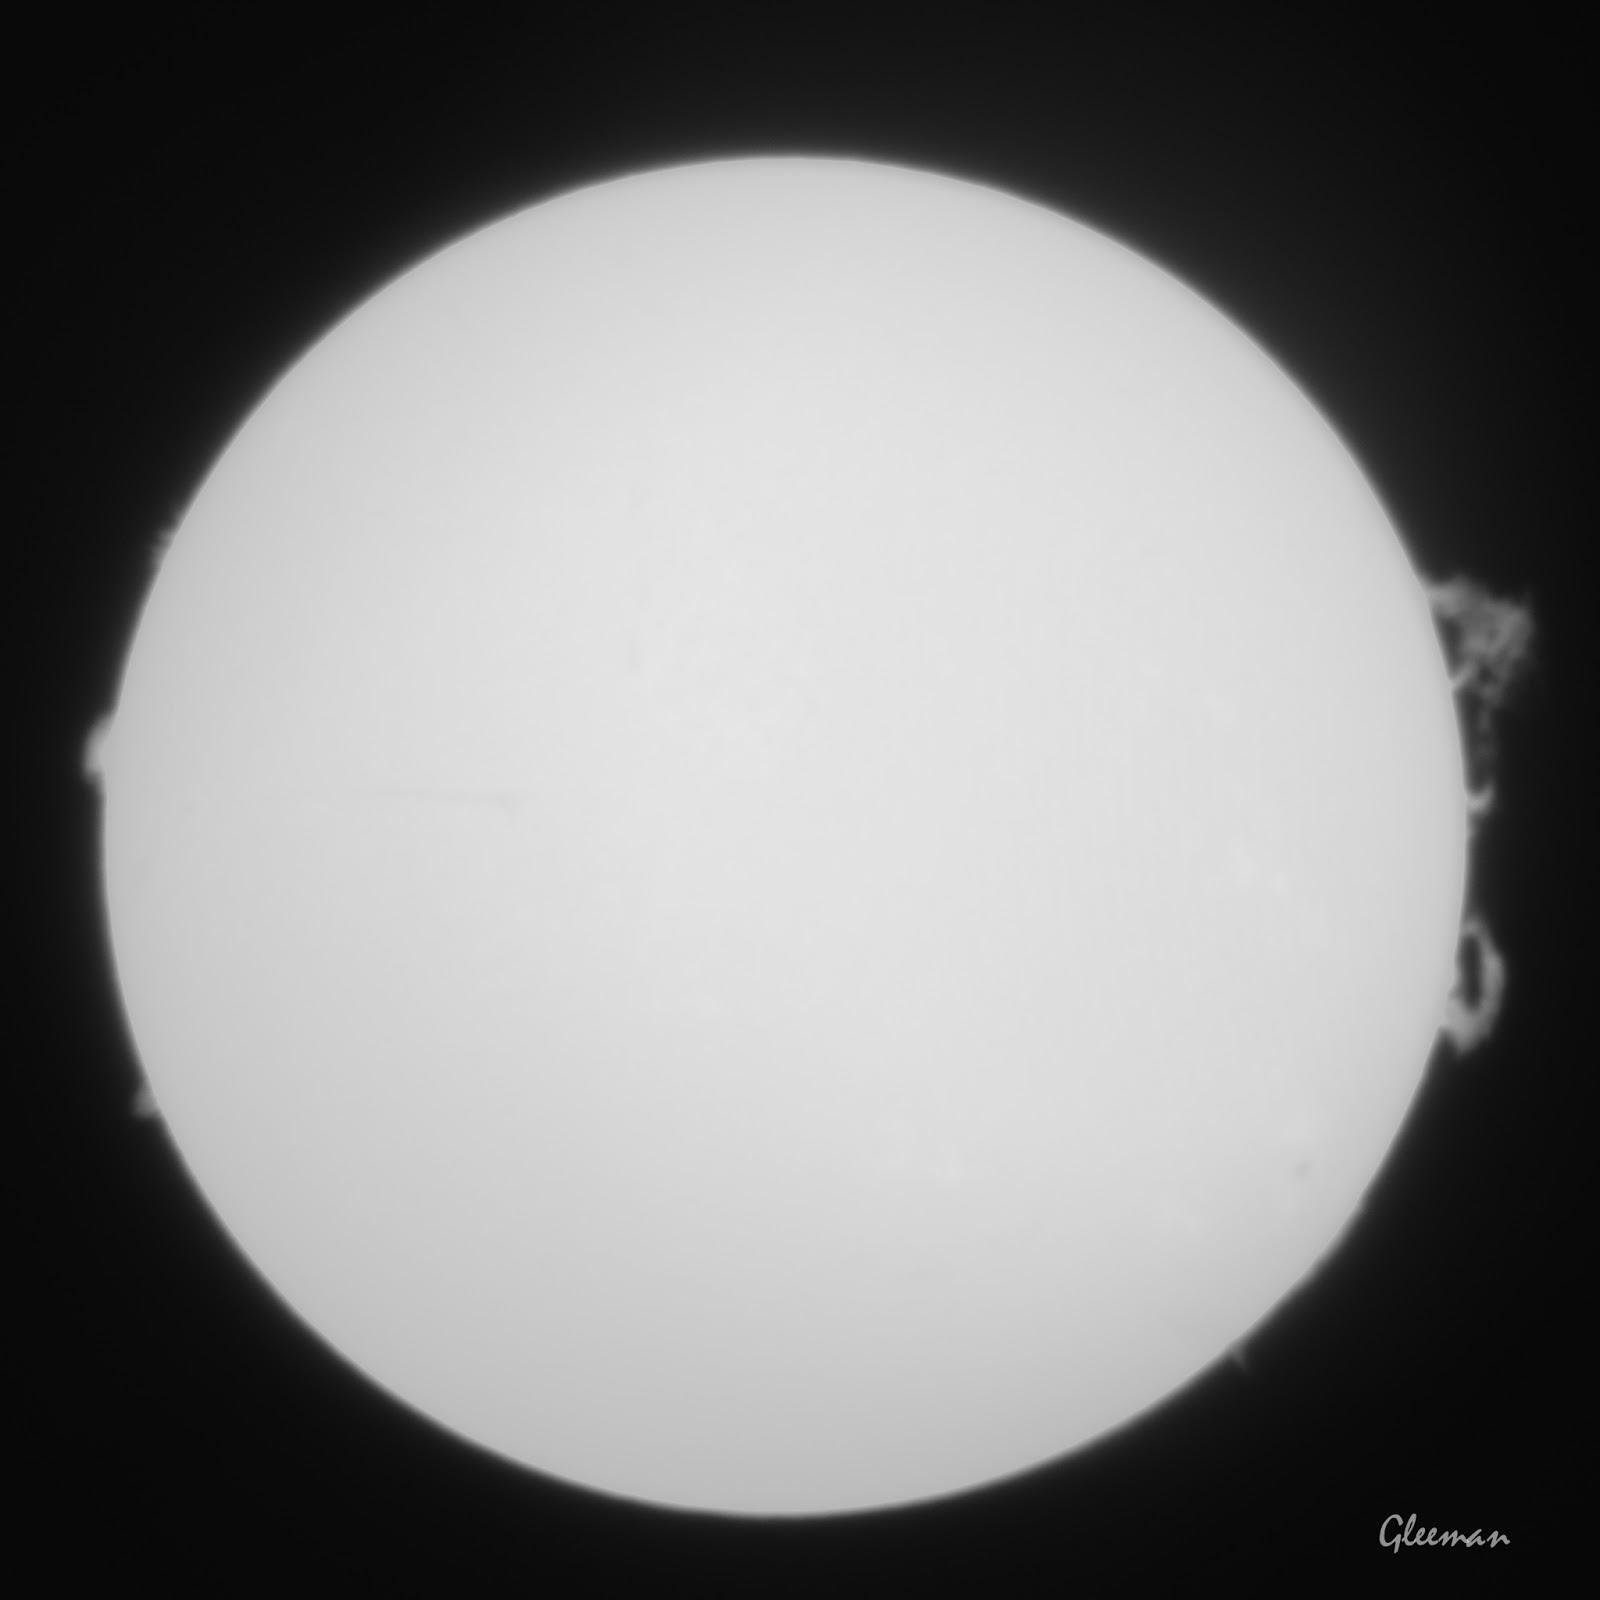 solar H-alpha